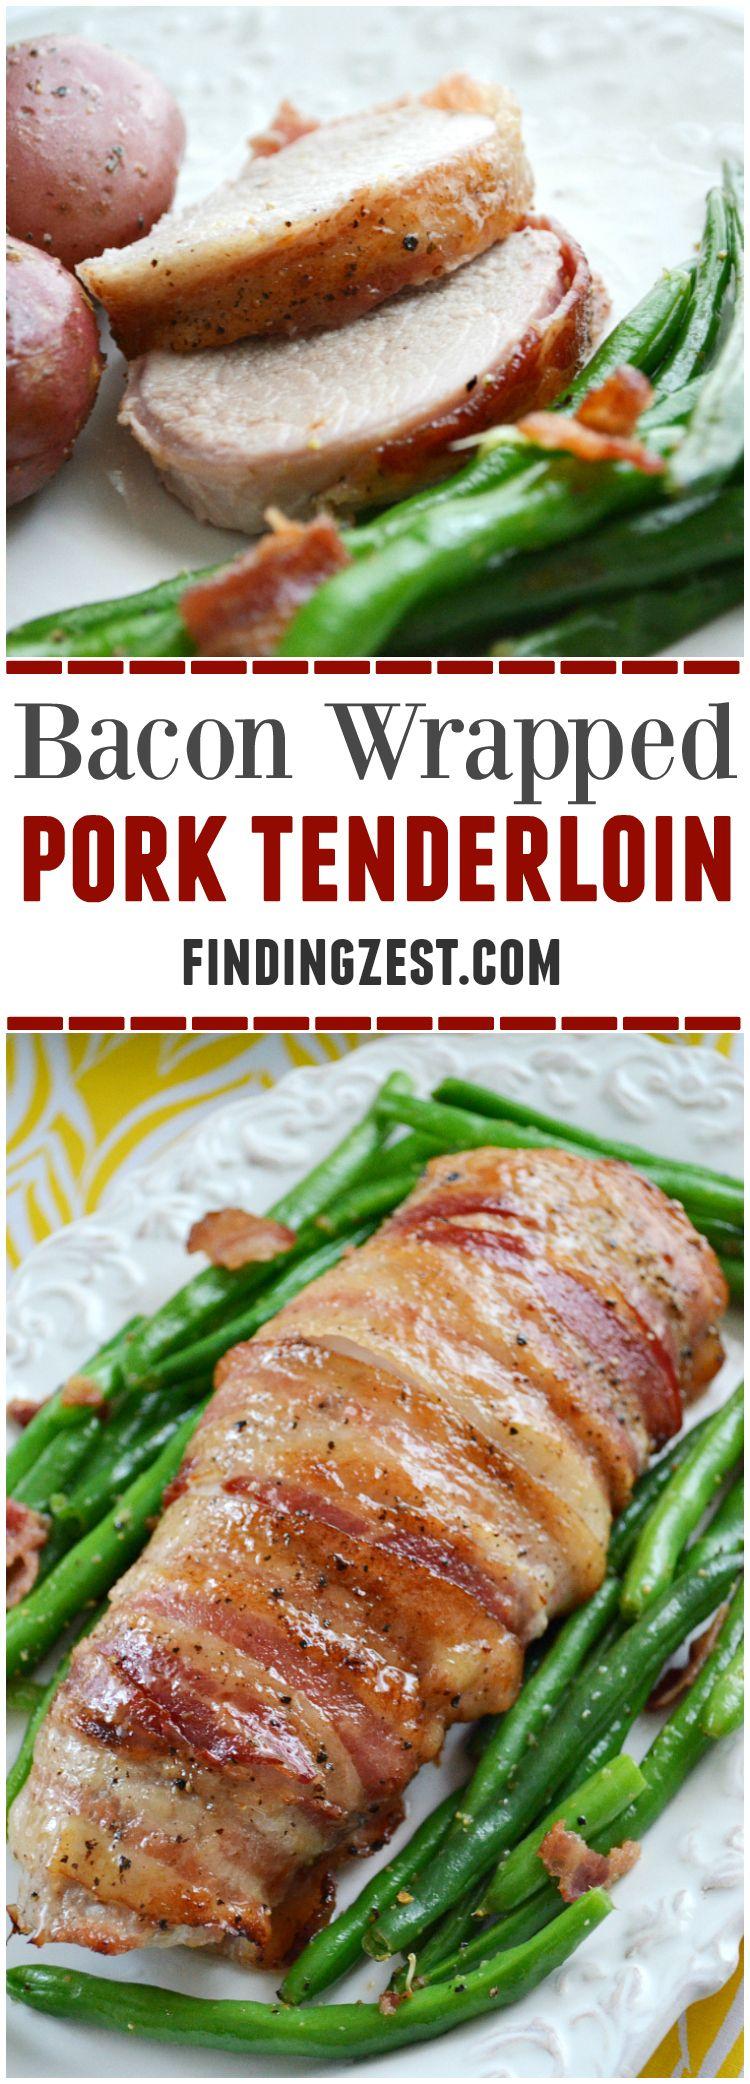 Bacon-Wrapped Pork Tenderloin for Easter Dinner | Recipe ...